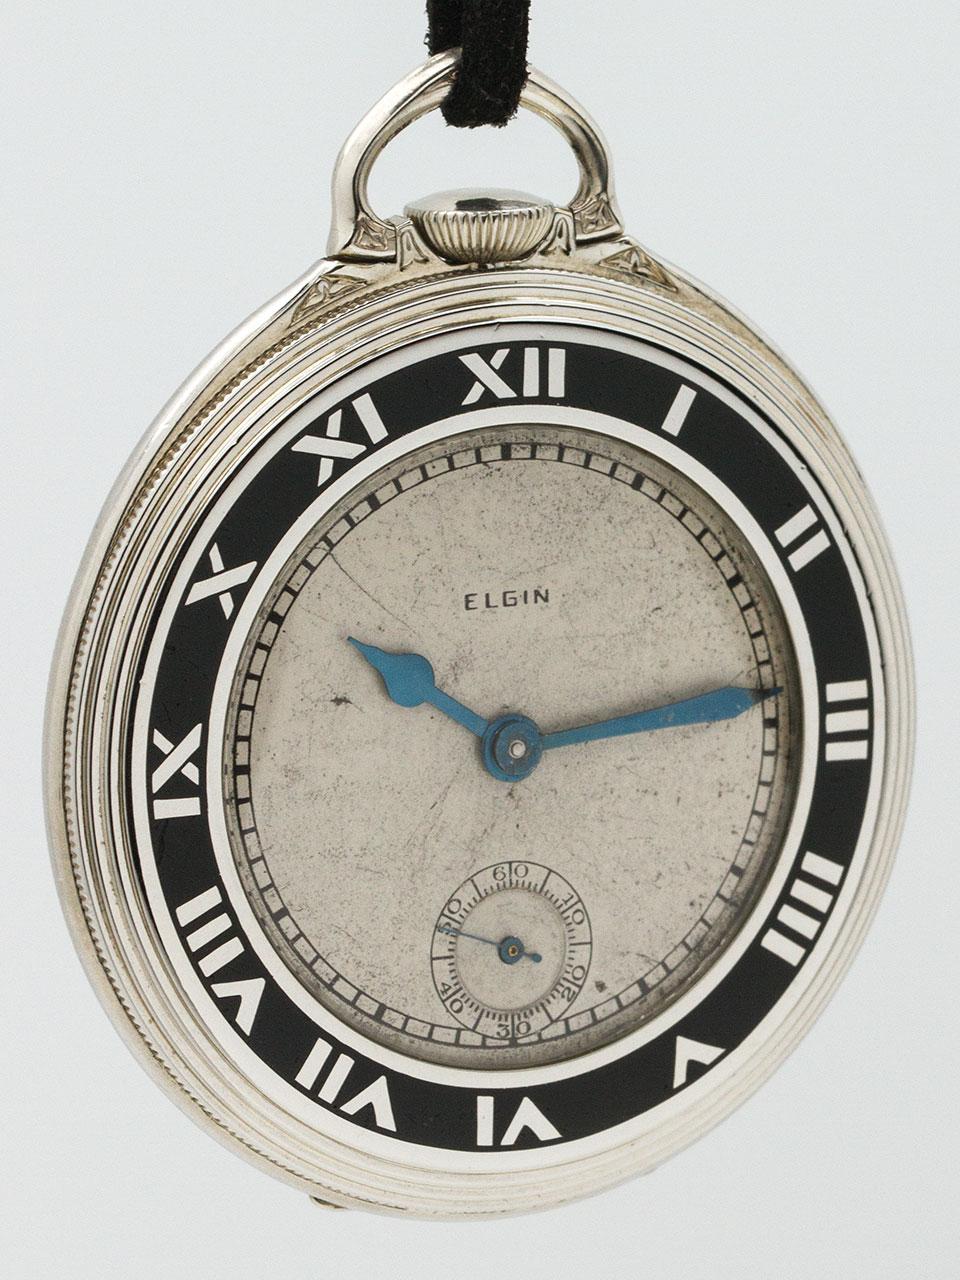 Elgin Pocket Watch Art Deco Enamel circa 1929